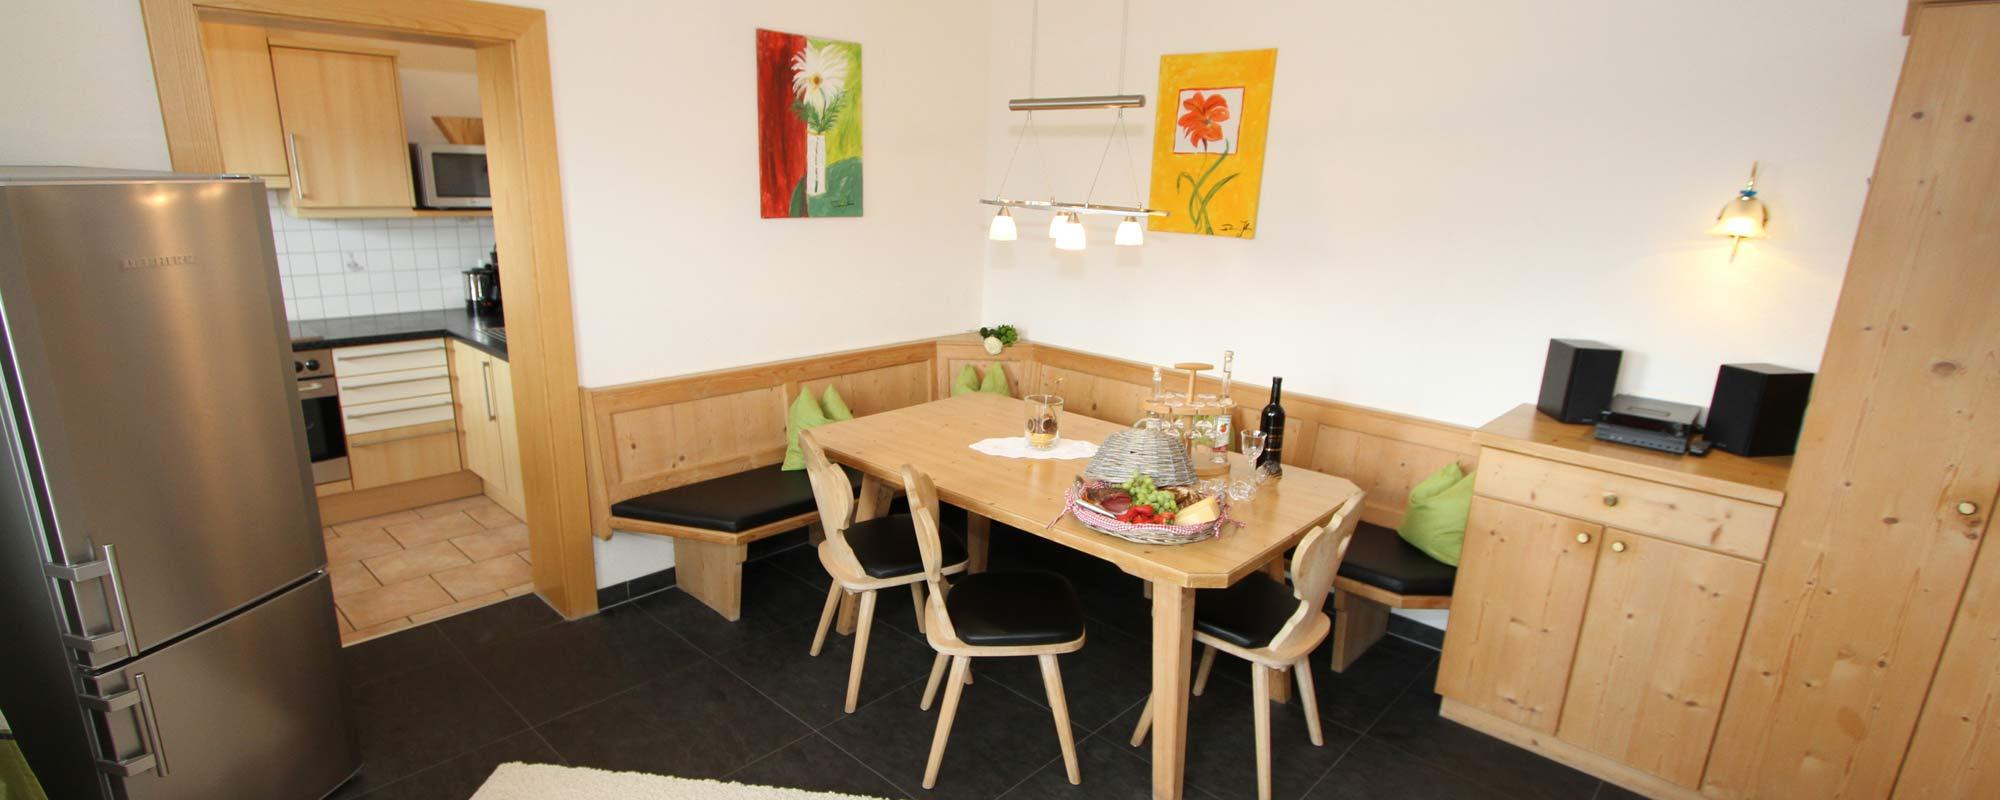 Apartment Sonne Küche Der Küche ist voll ausgestattet